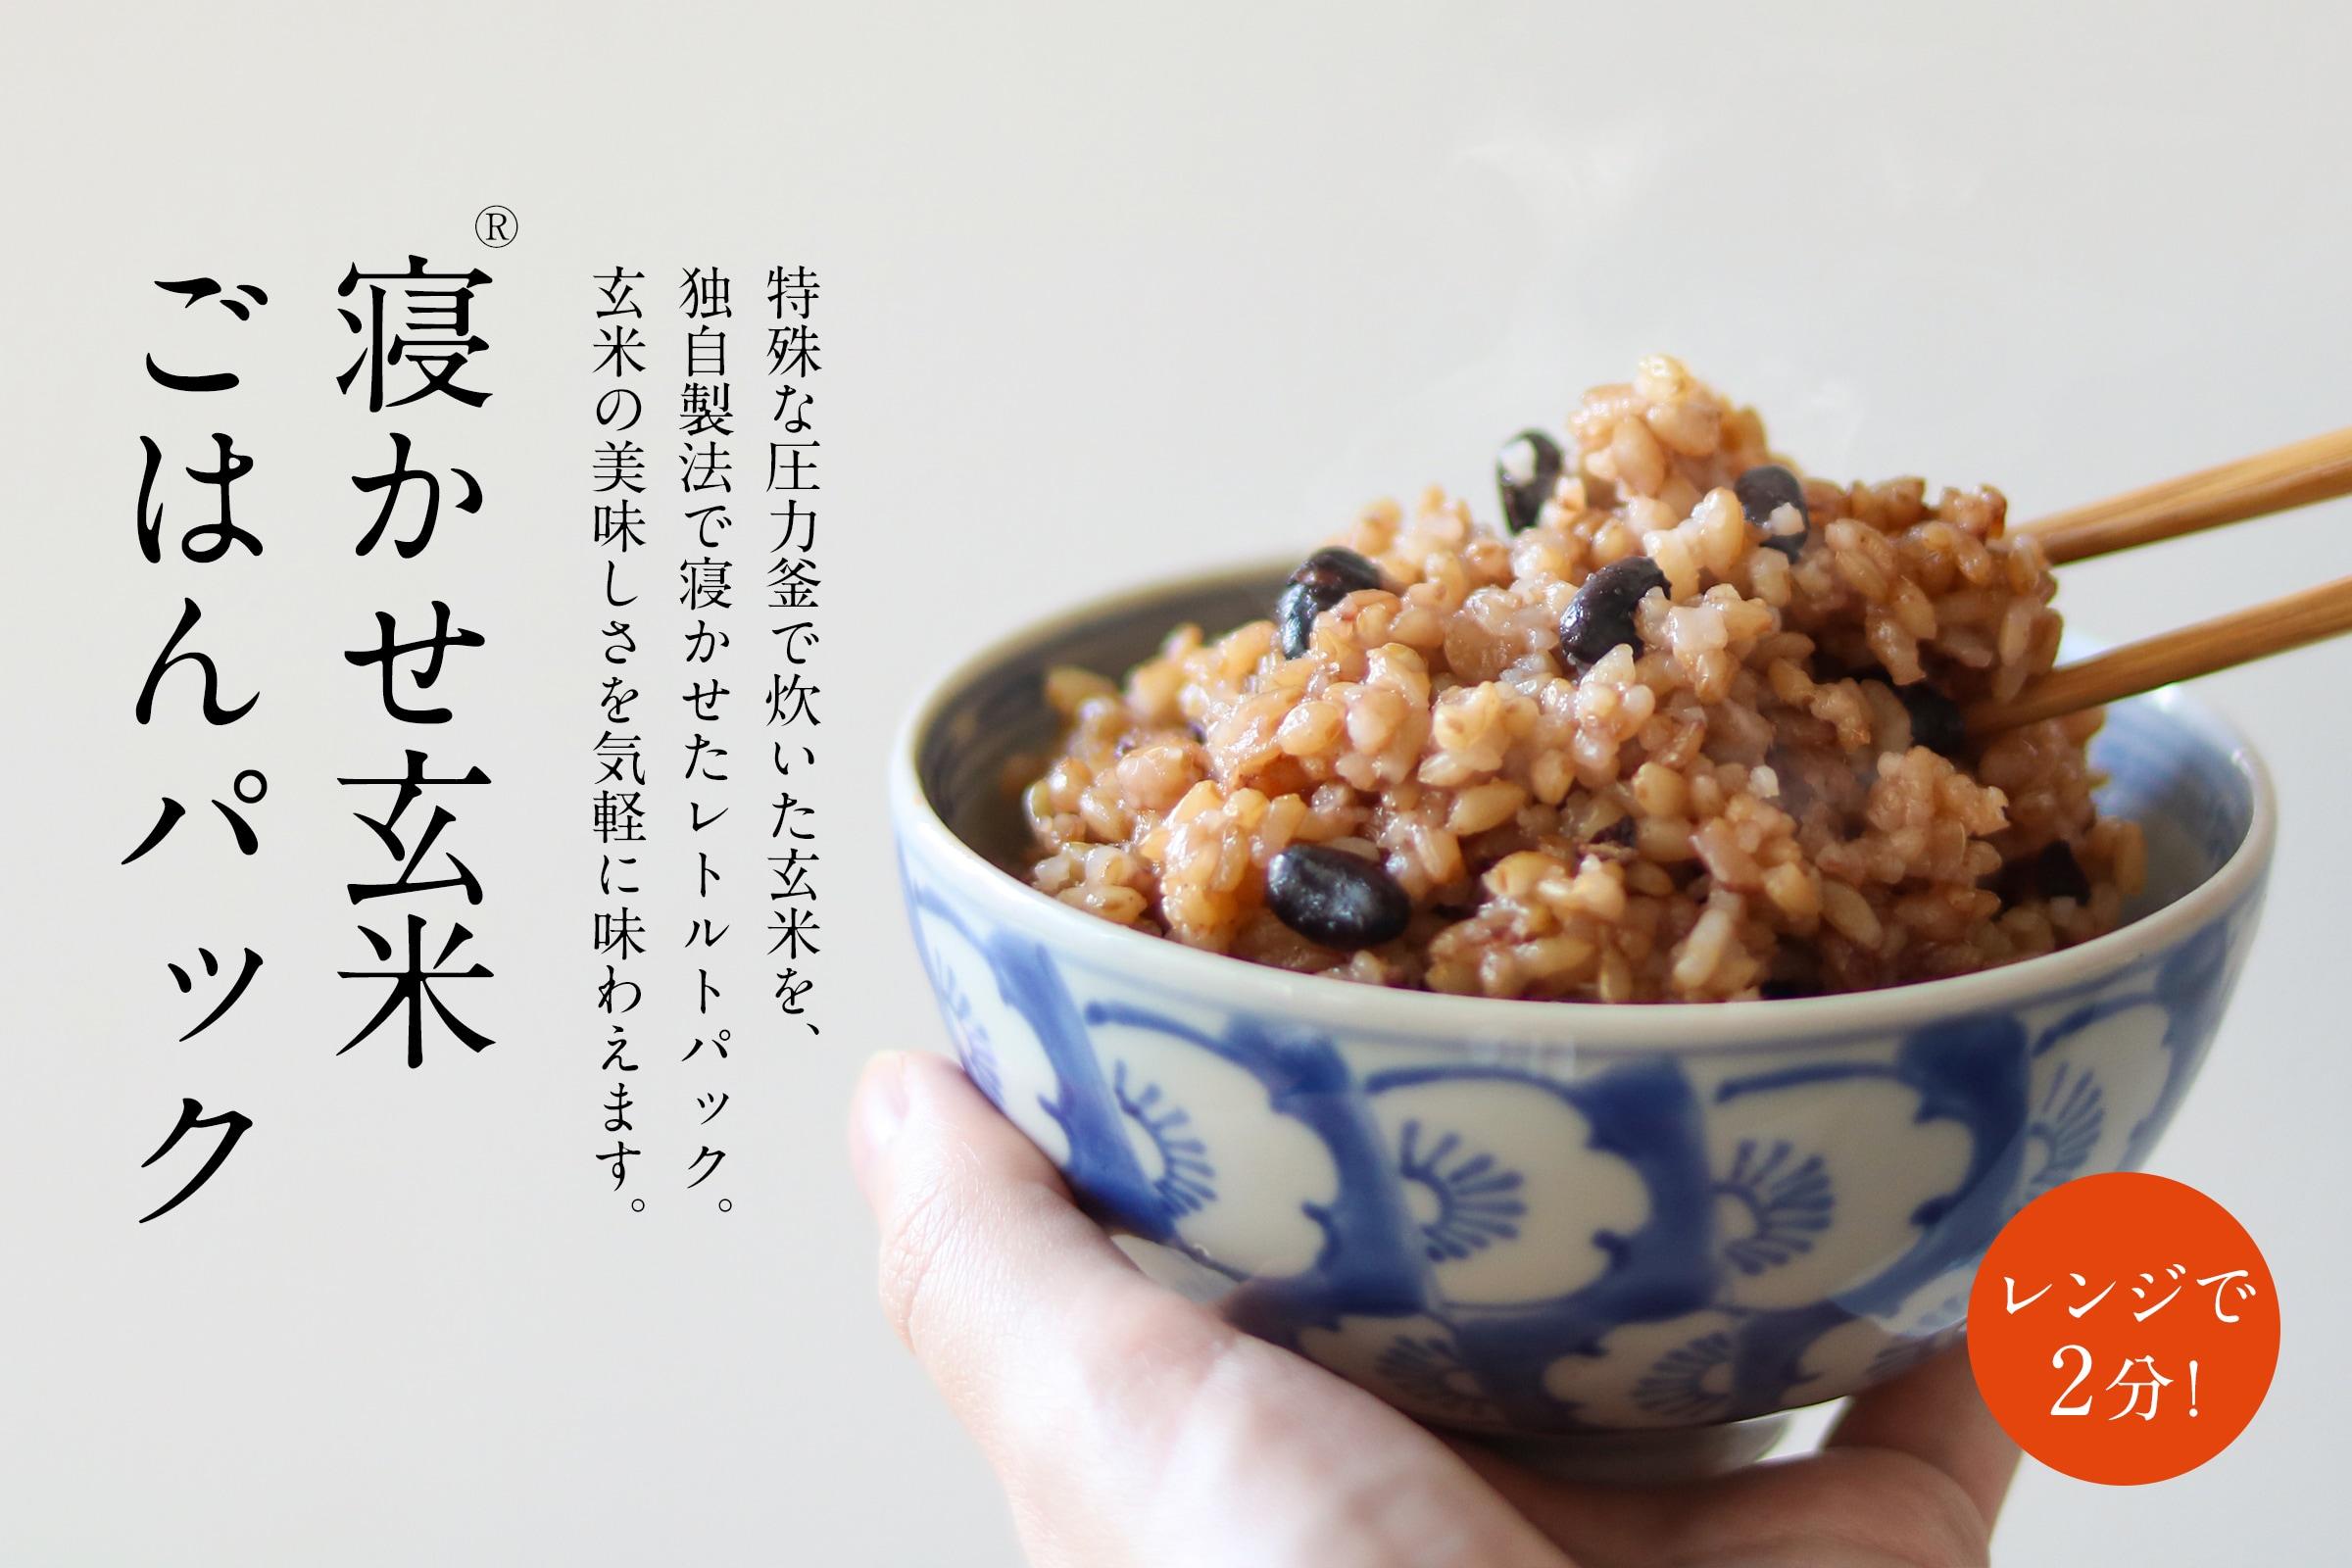 """玄米をもっと美味しく、もっと手軽に。<br class=""""br-sp"""">結わえるのオリジナルごはんパック。"""